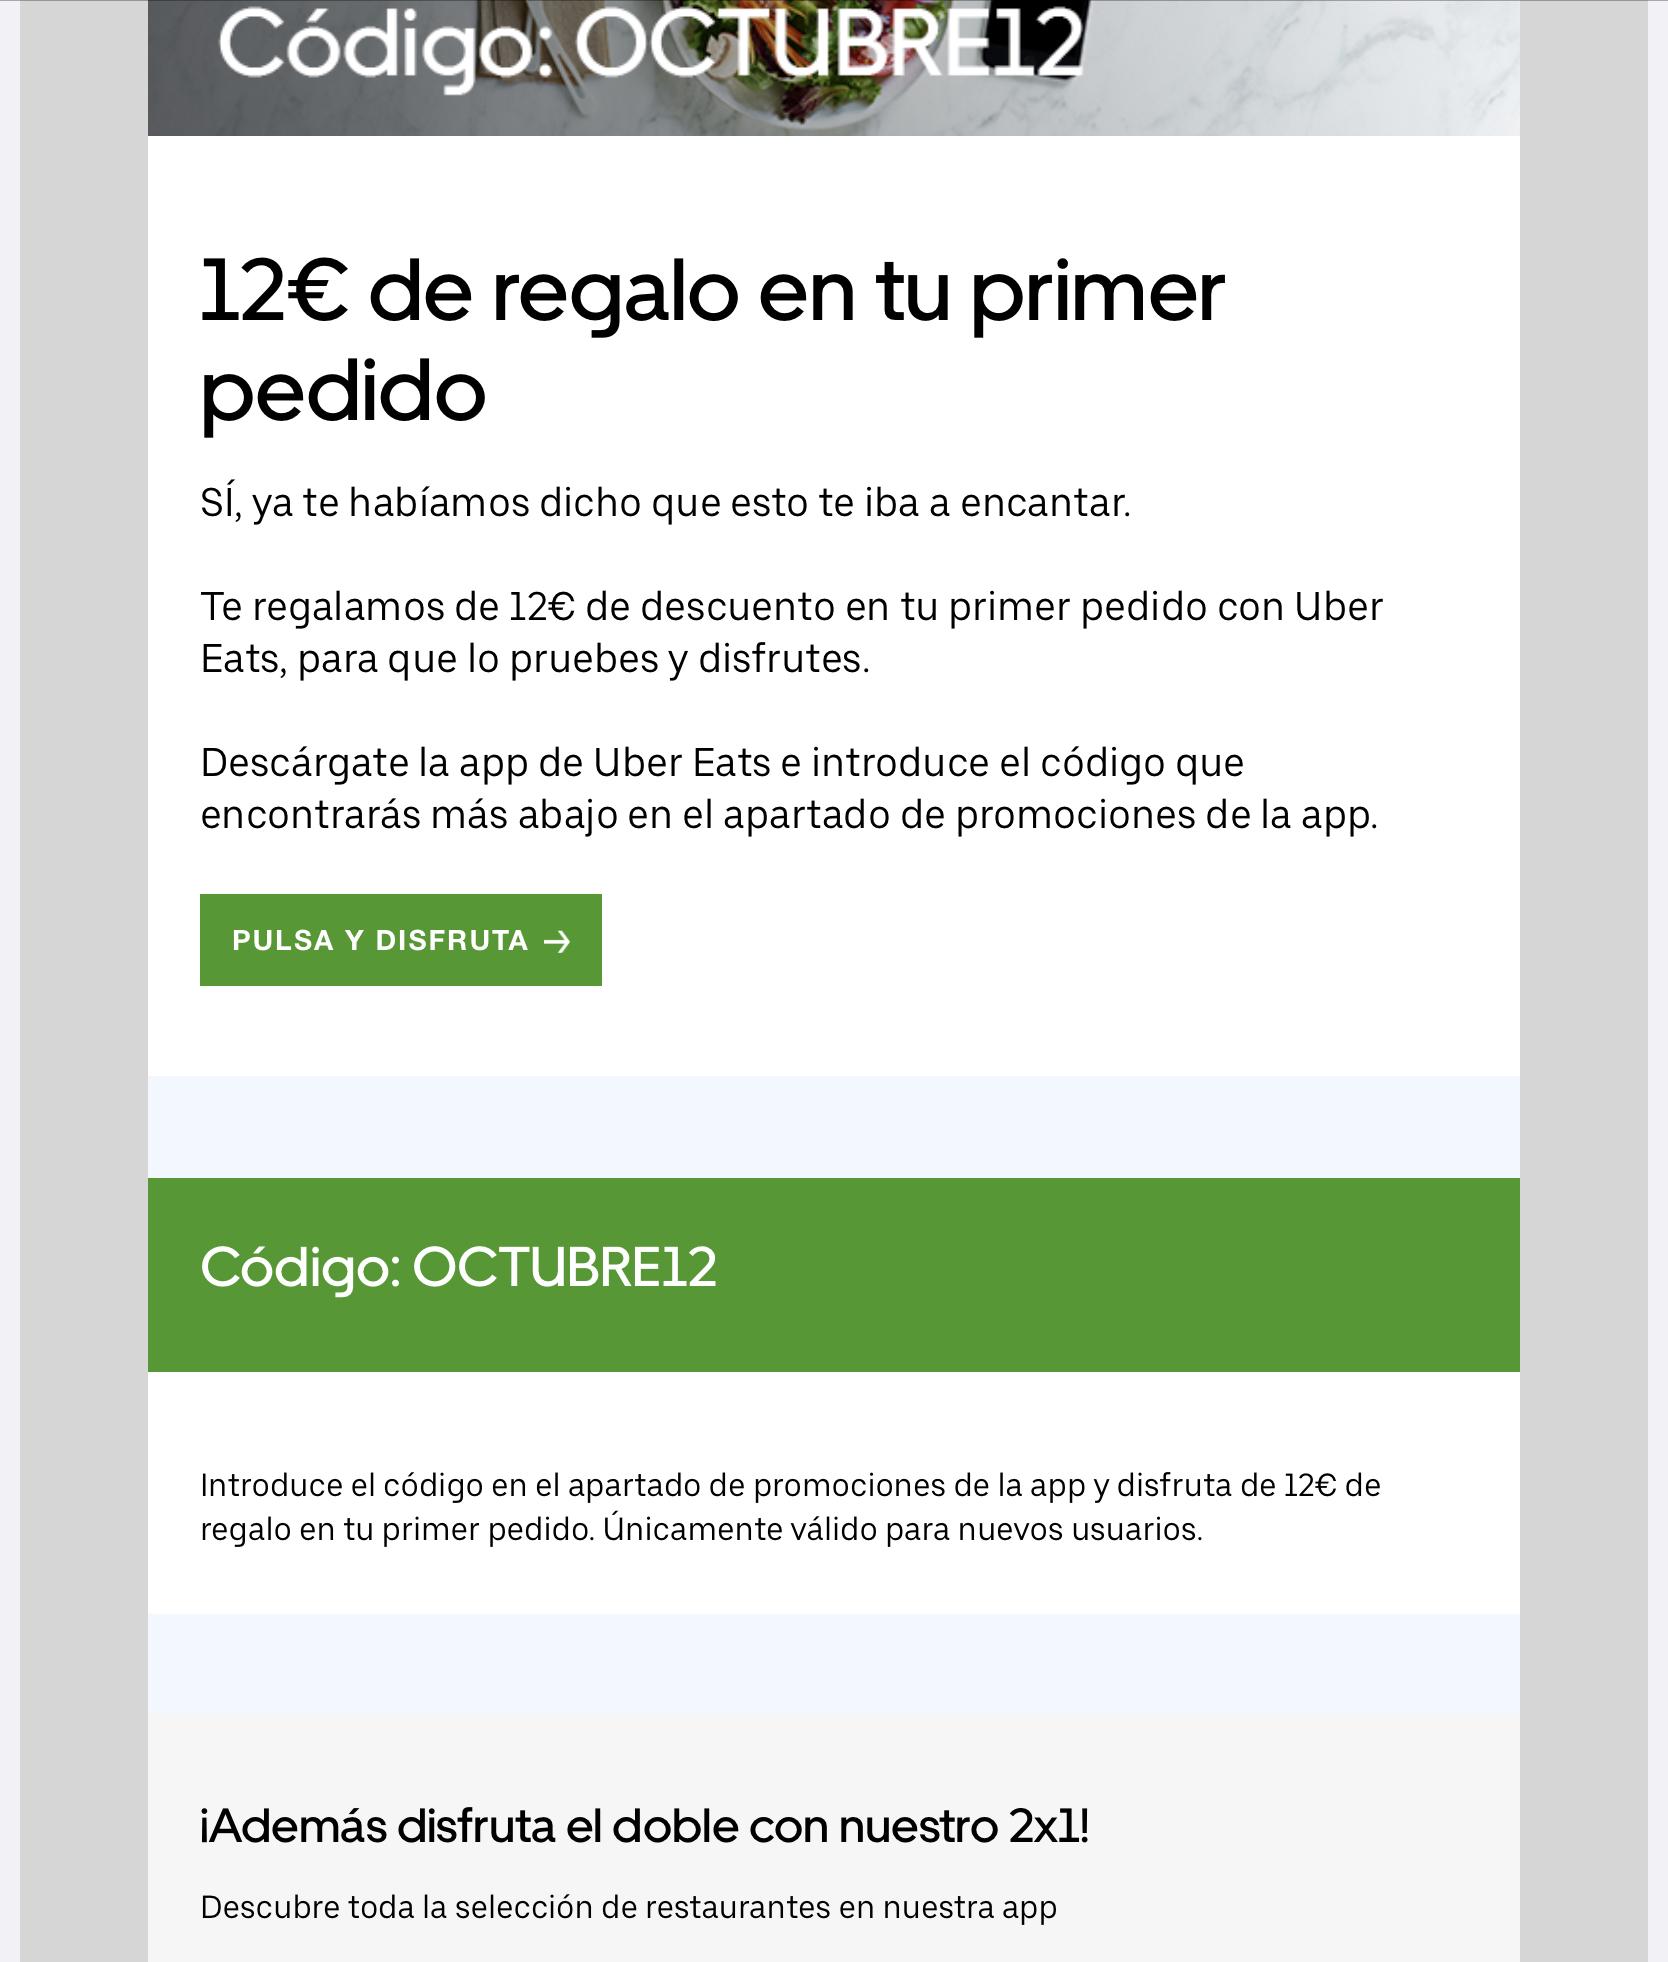 12€ DESCUENTO TU PRIMER PEDIDO (CUENTAS SELECCIONADAS)